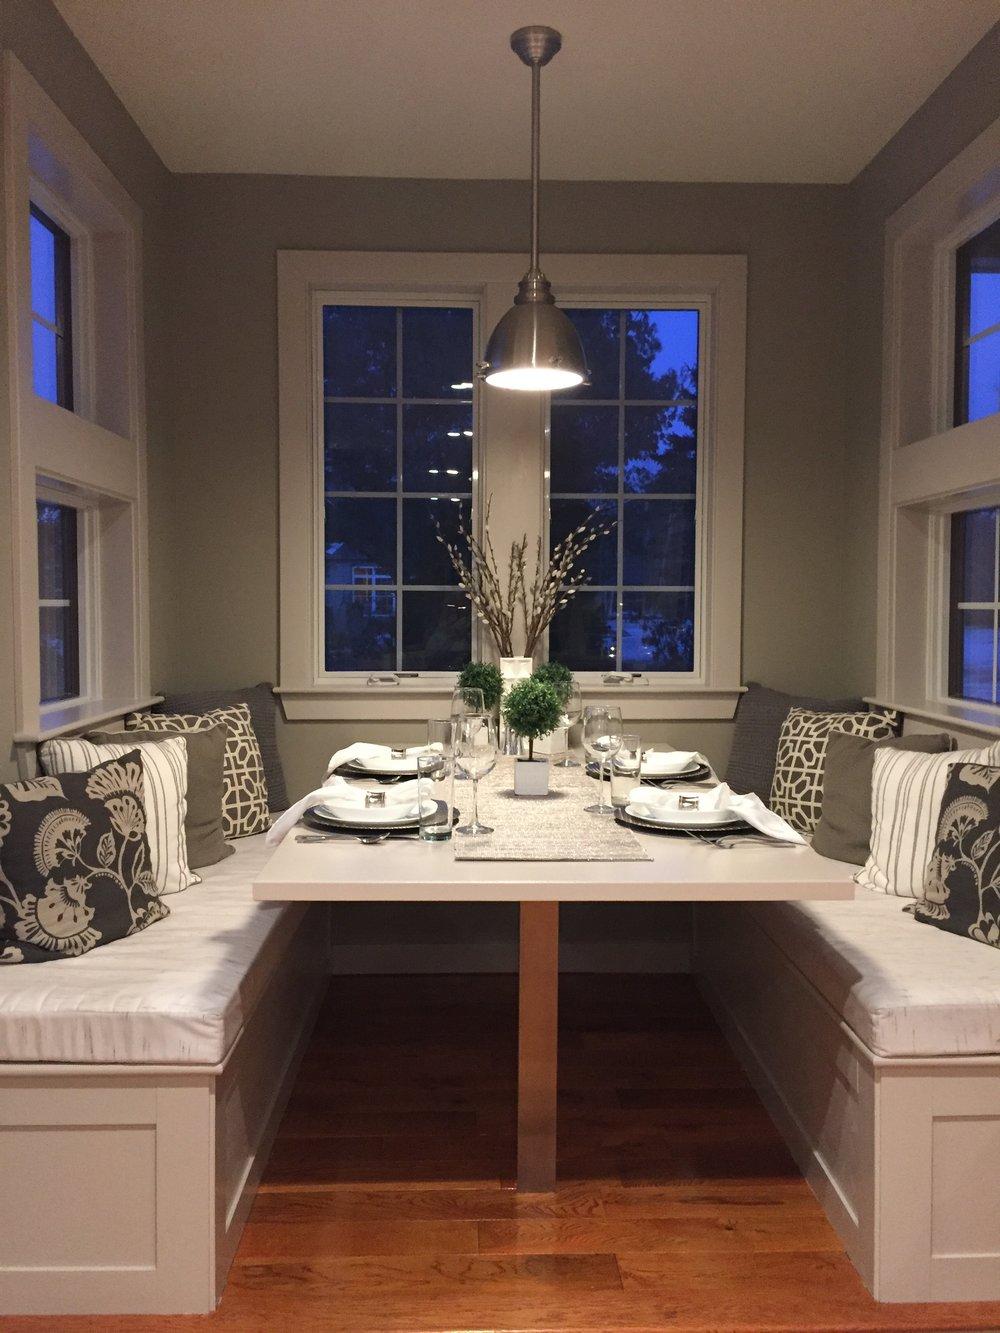 North shore kitchen design.JPG